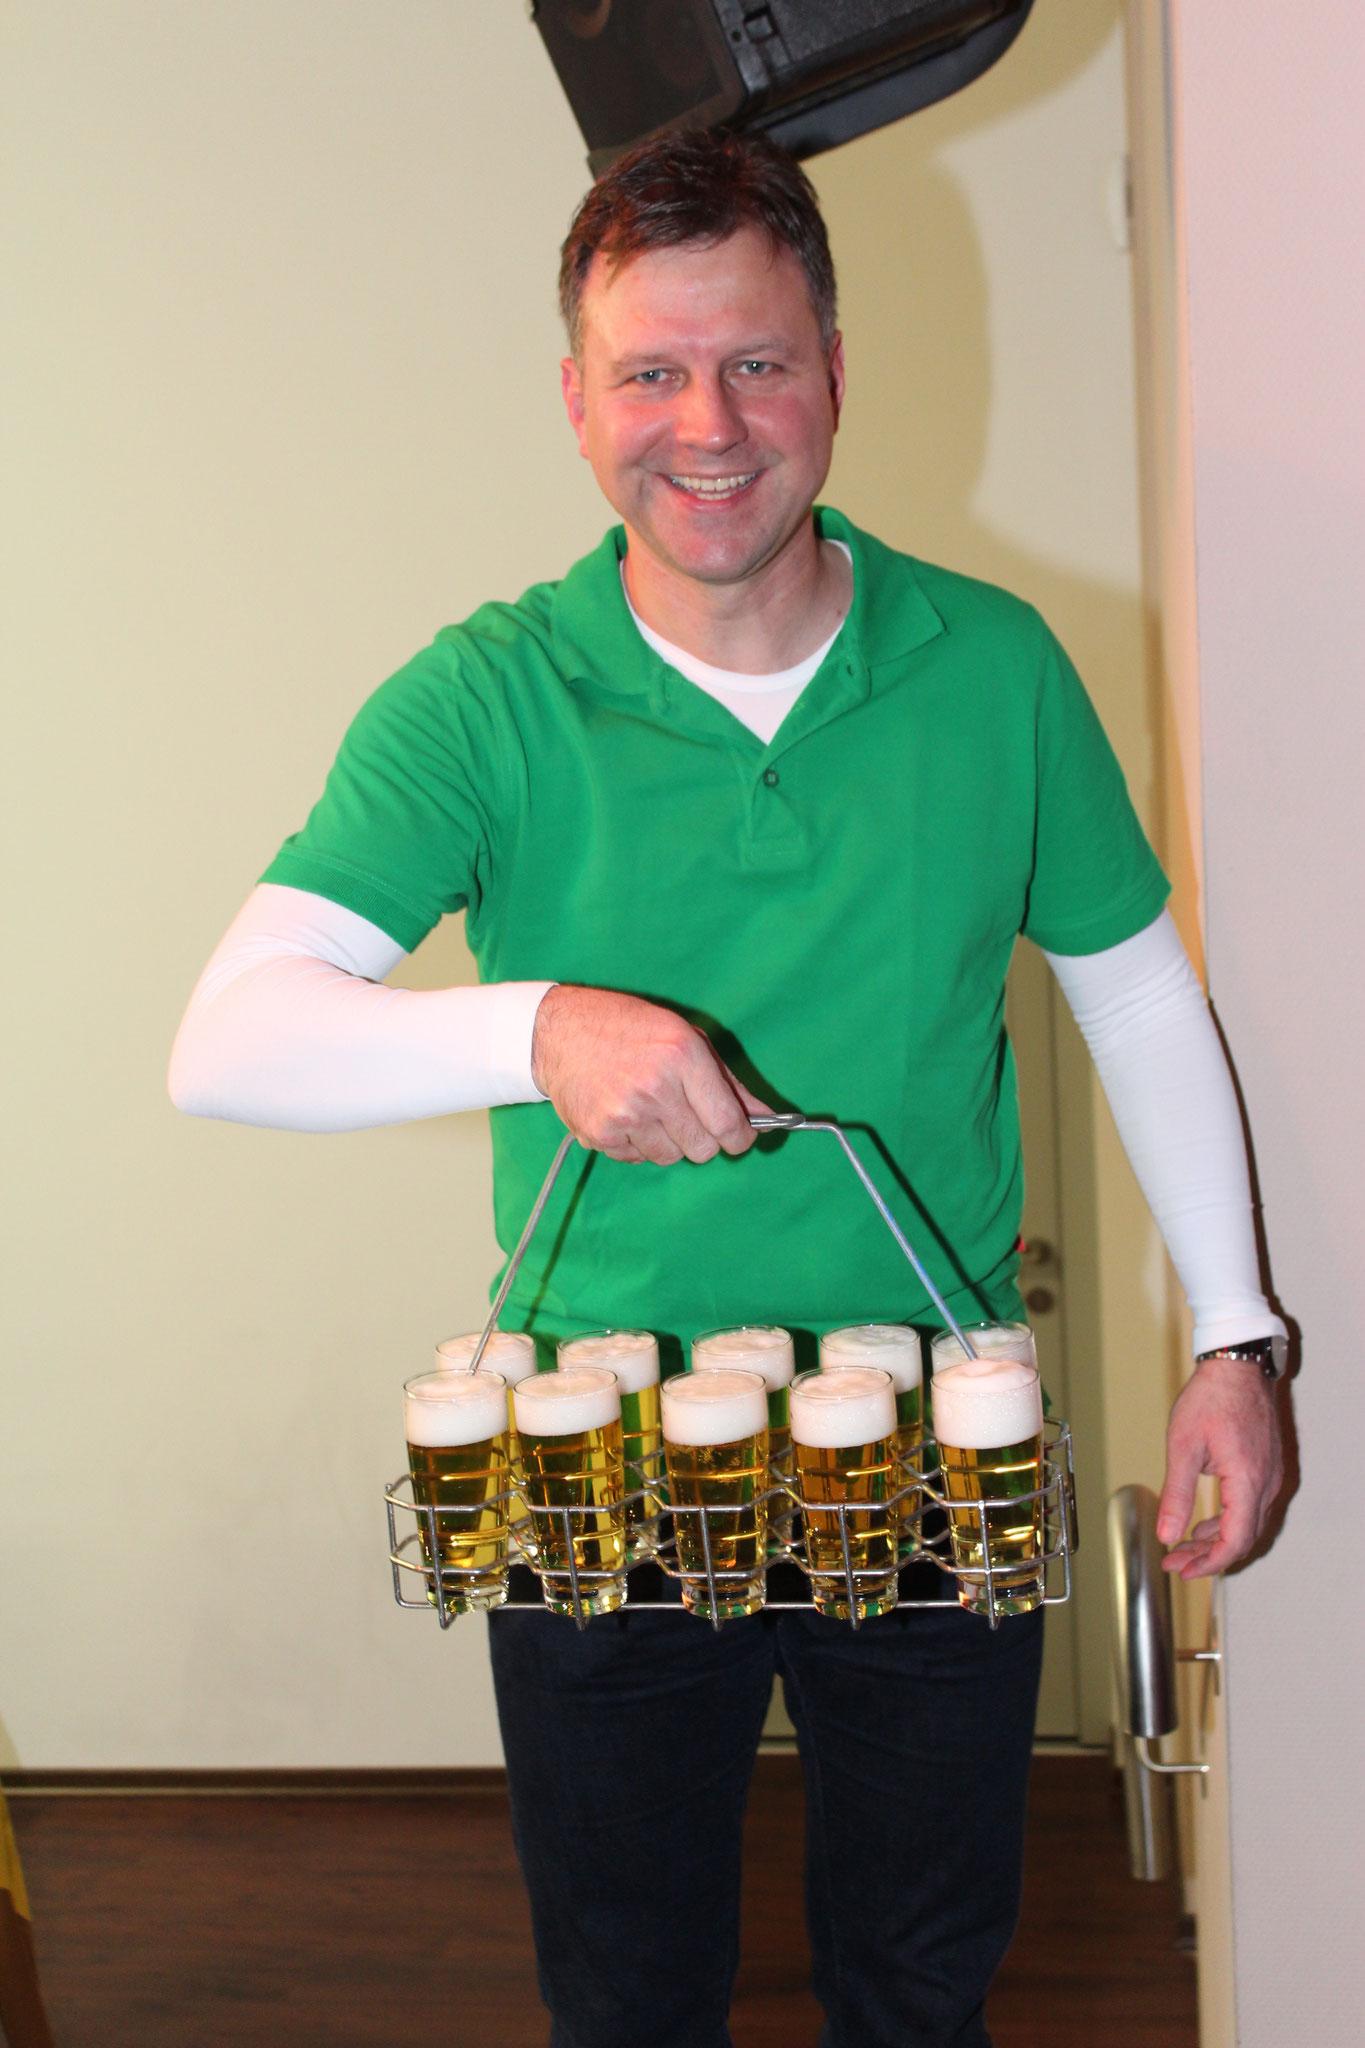 Immer frisch gezapftes Bier